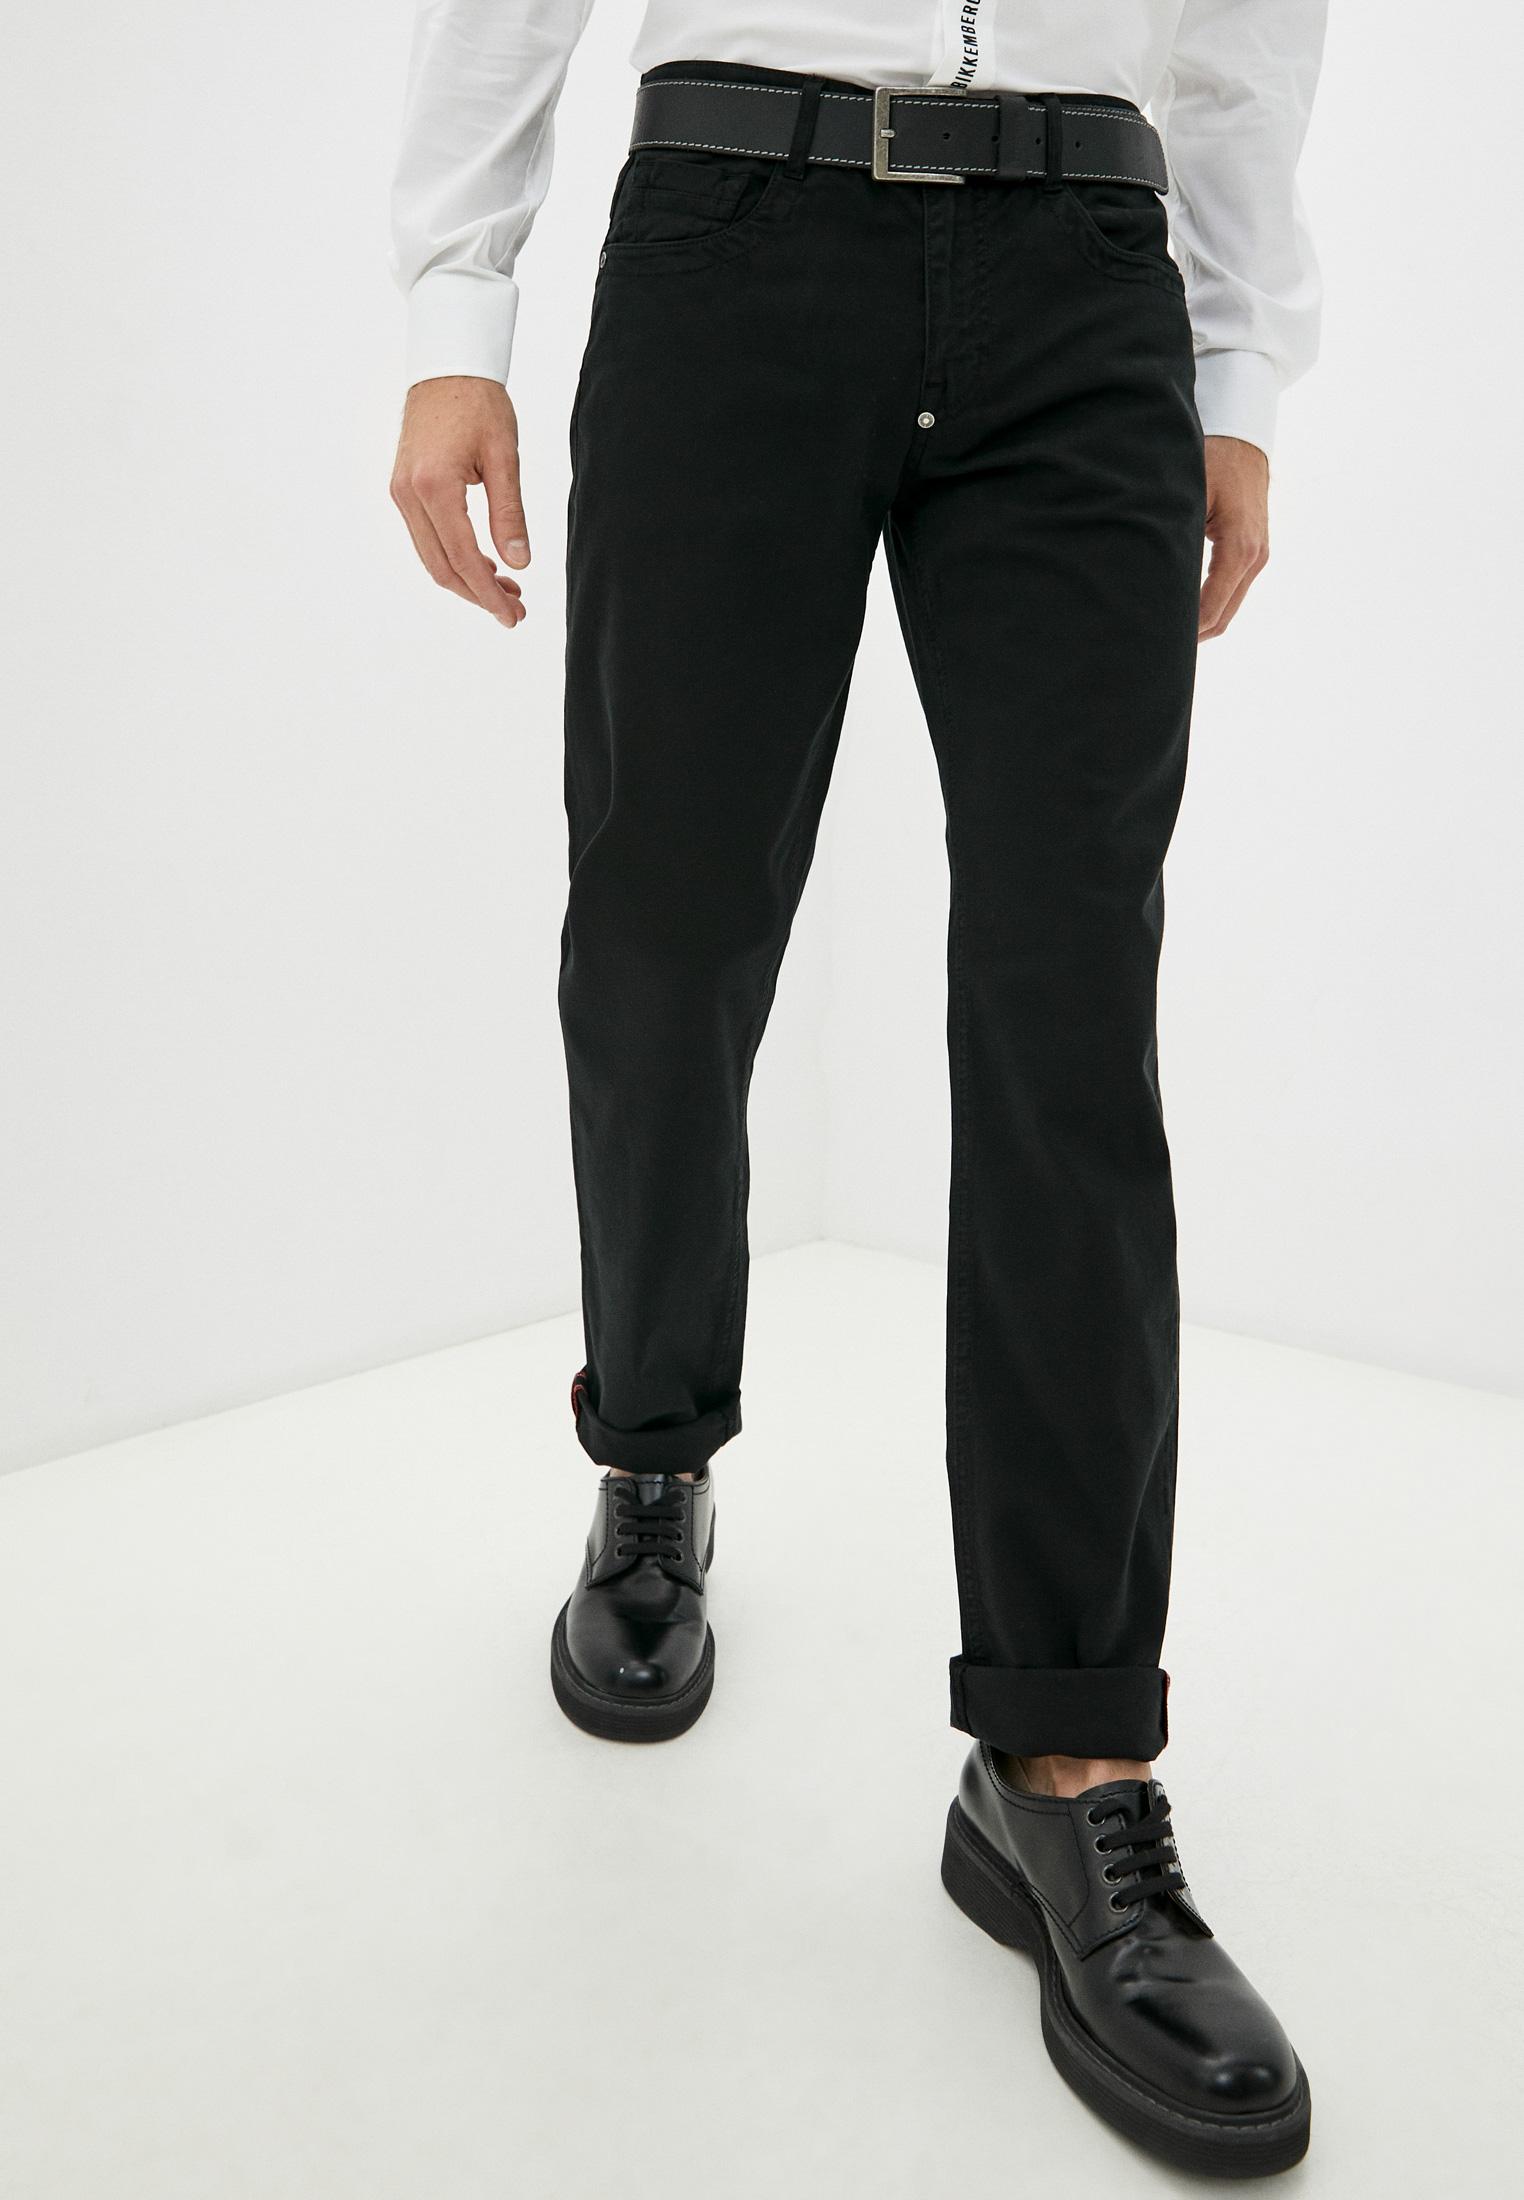 Мужские брюки Bikkembergs (Биккембергс) C Q 101 02 S 3279